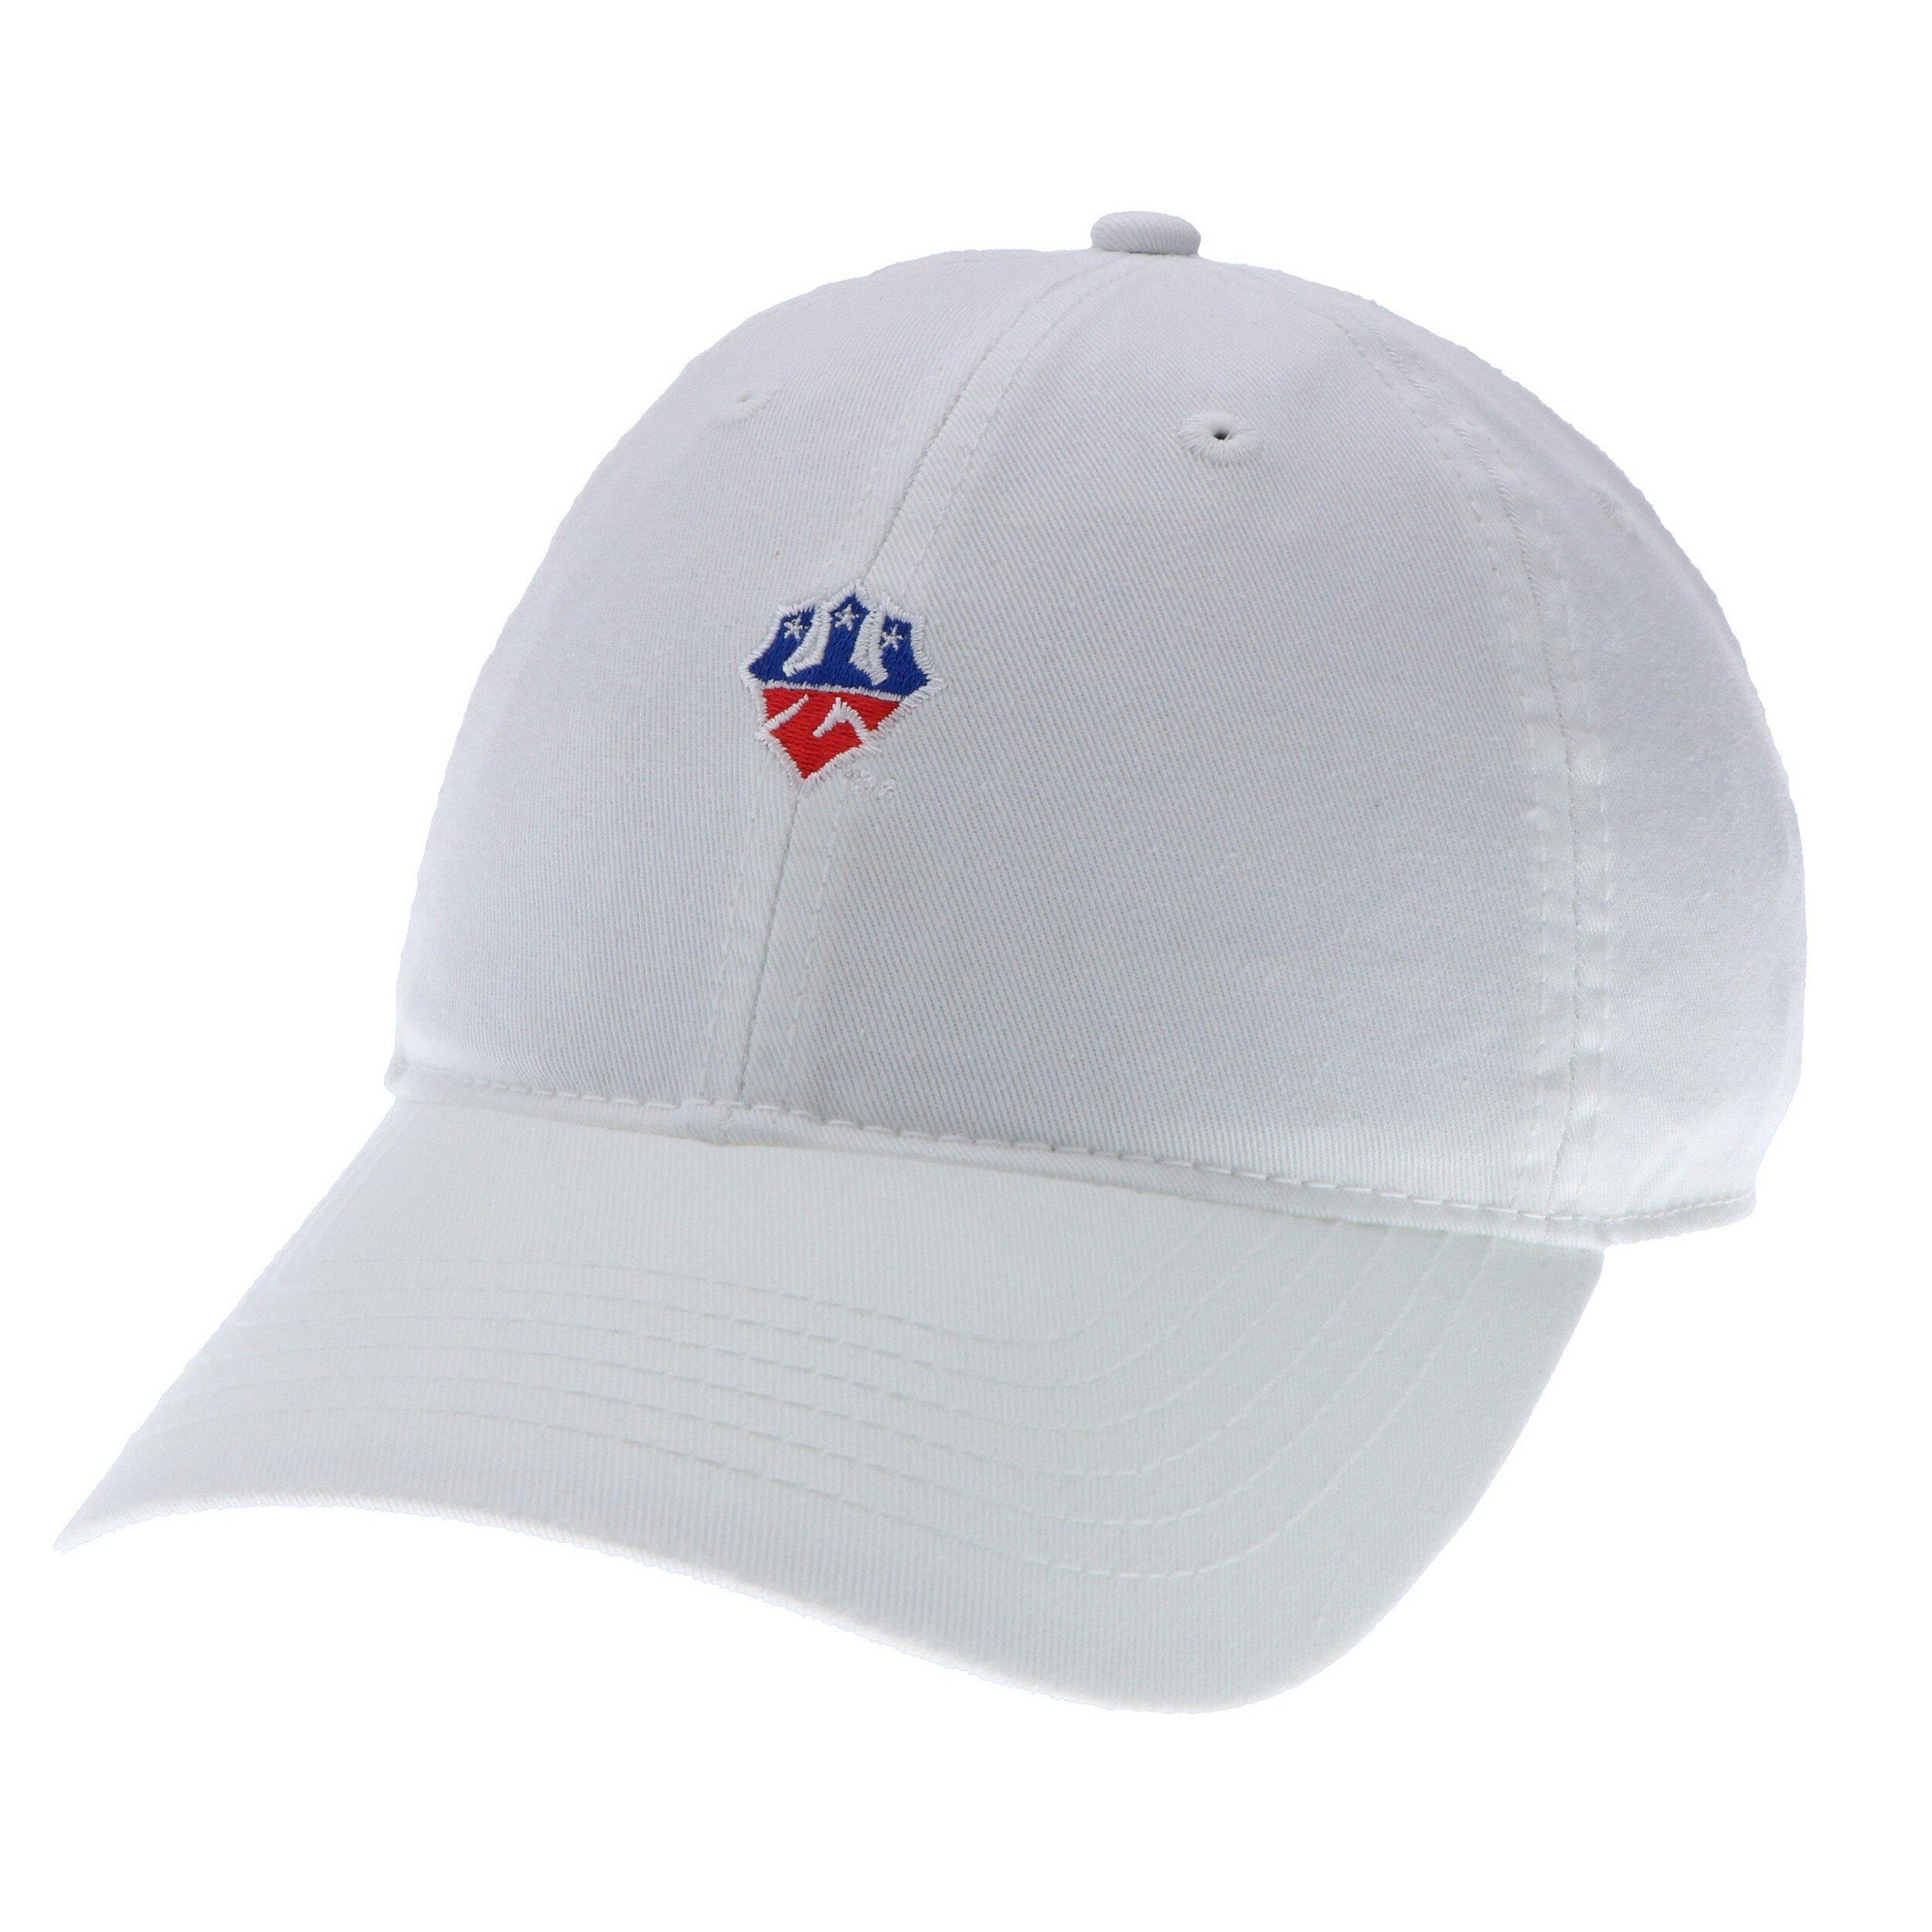 Trident Hat (White)